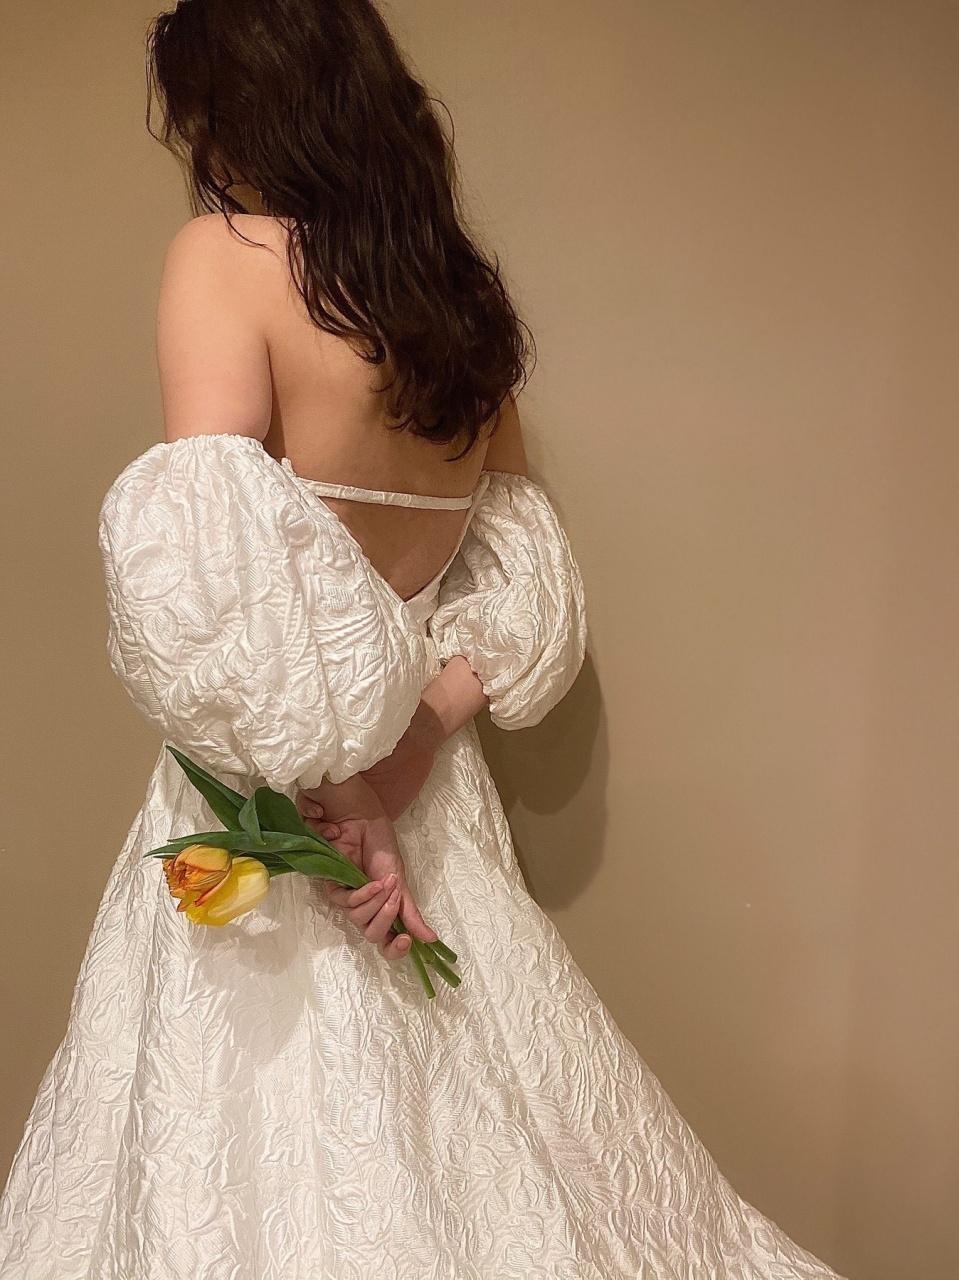 ザ・トリートドレッシング福岡店でお取り扱いのある、パフスリーブのウエディングドレスは、暖かな春のシーズンのウエディングにも軽やかでぴったり